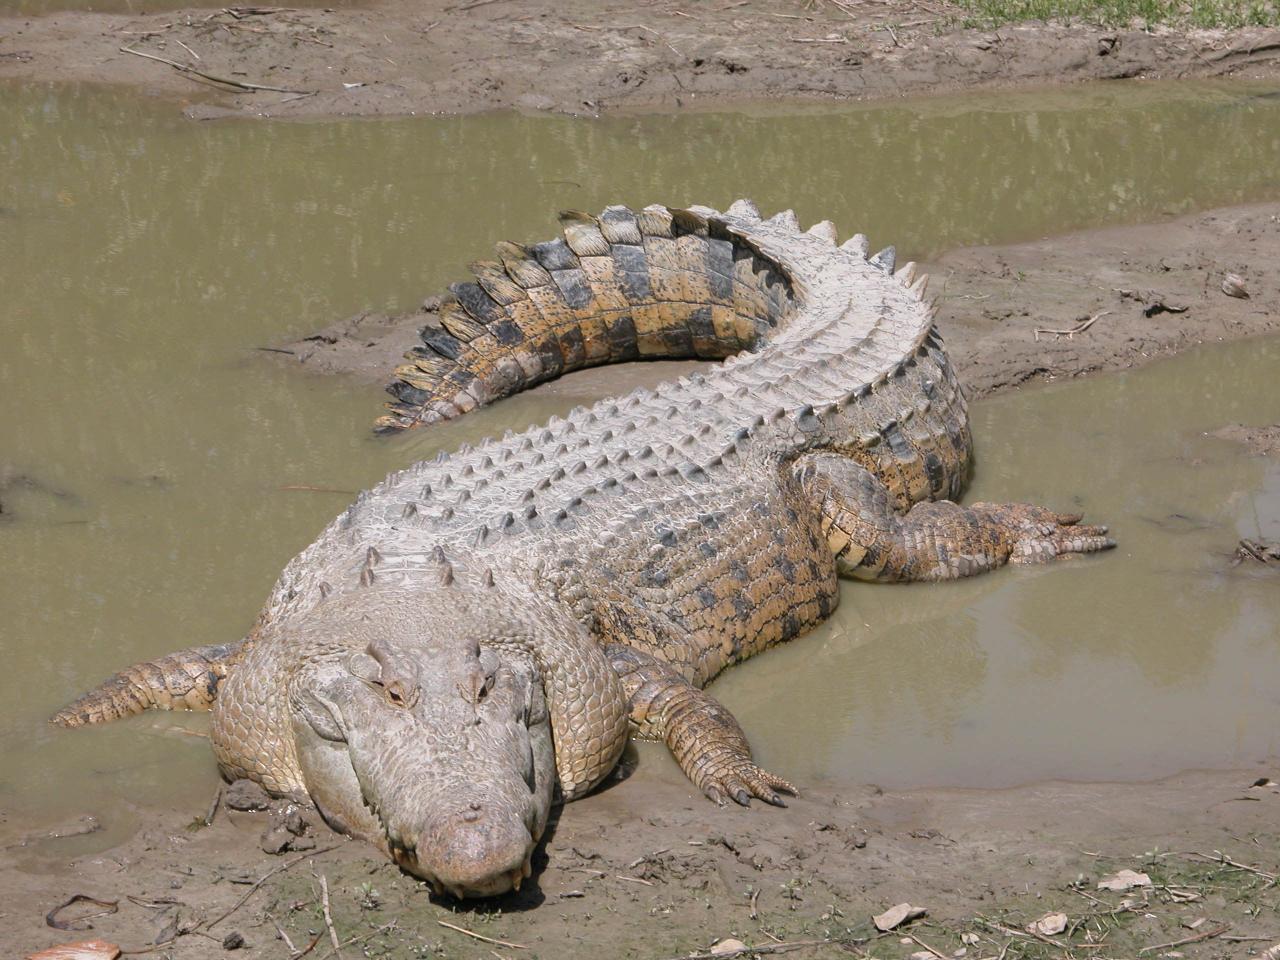 صورة اسم التمساح بالانجليزي , كلمة انجليزية تعرف عليها